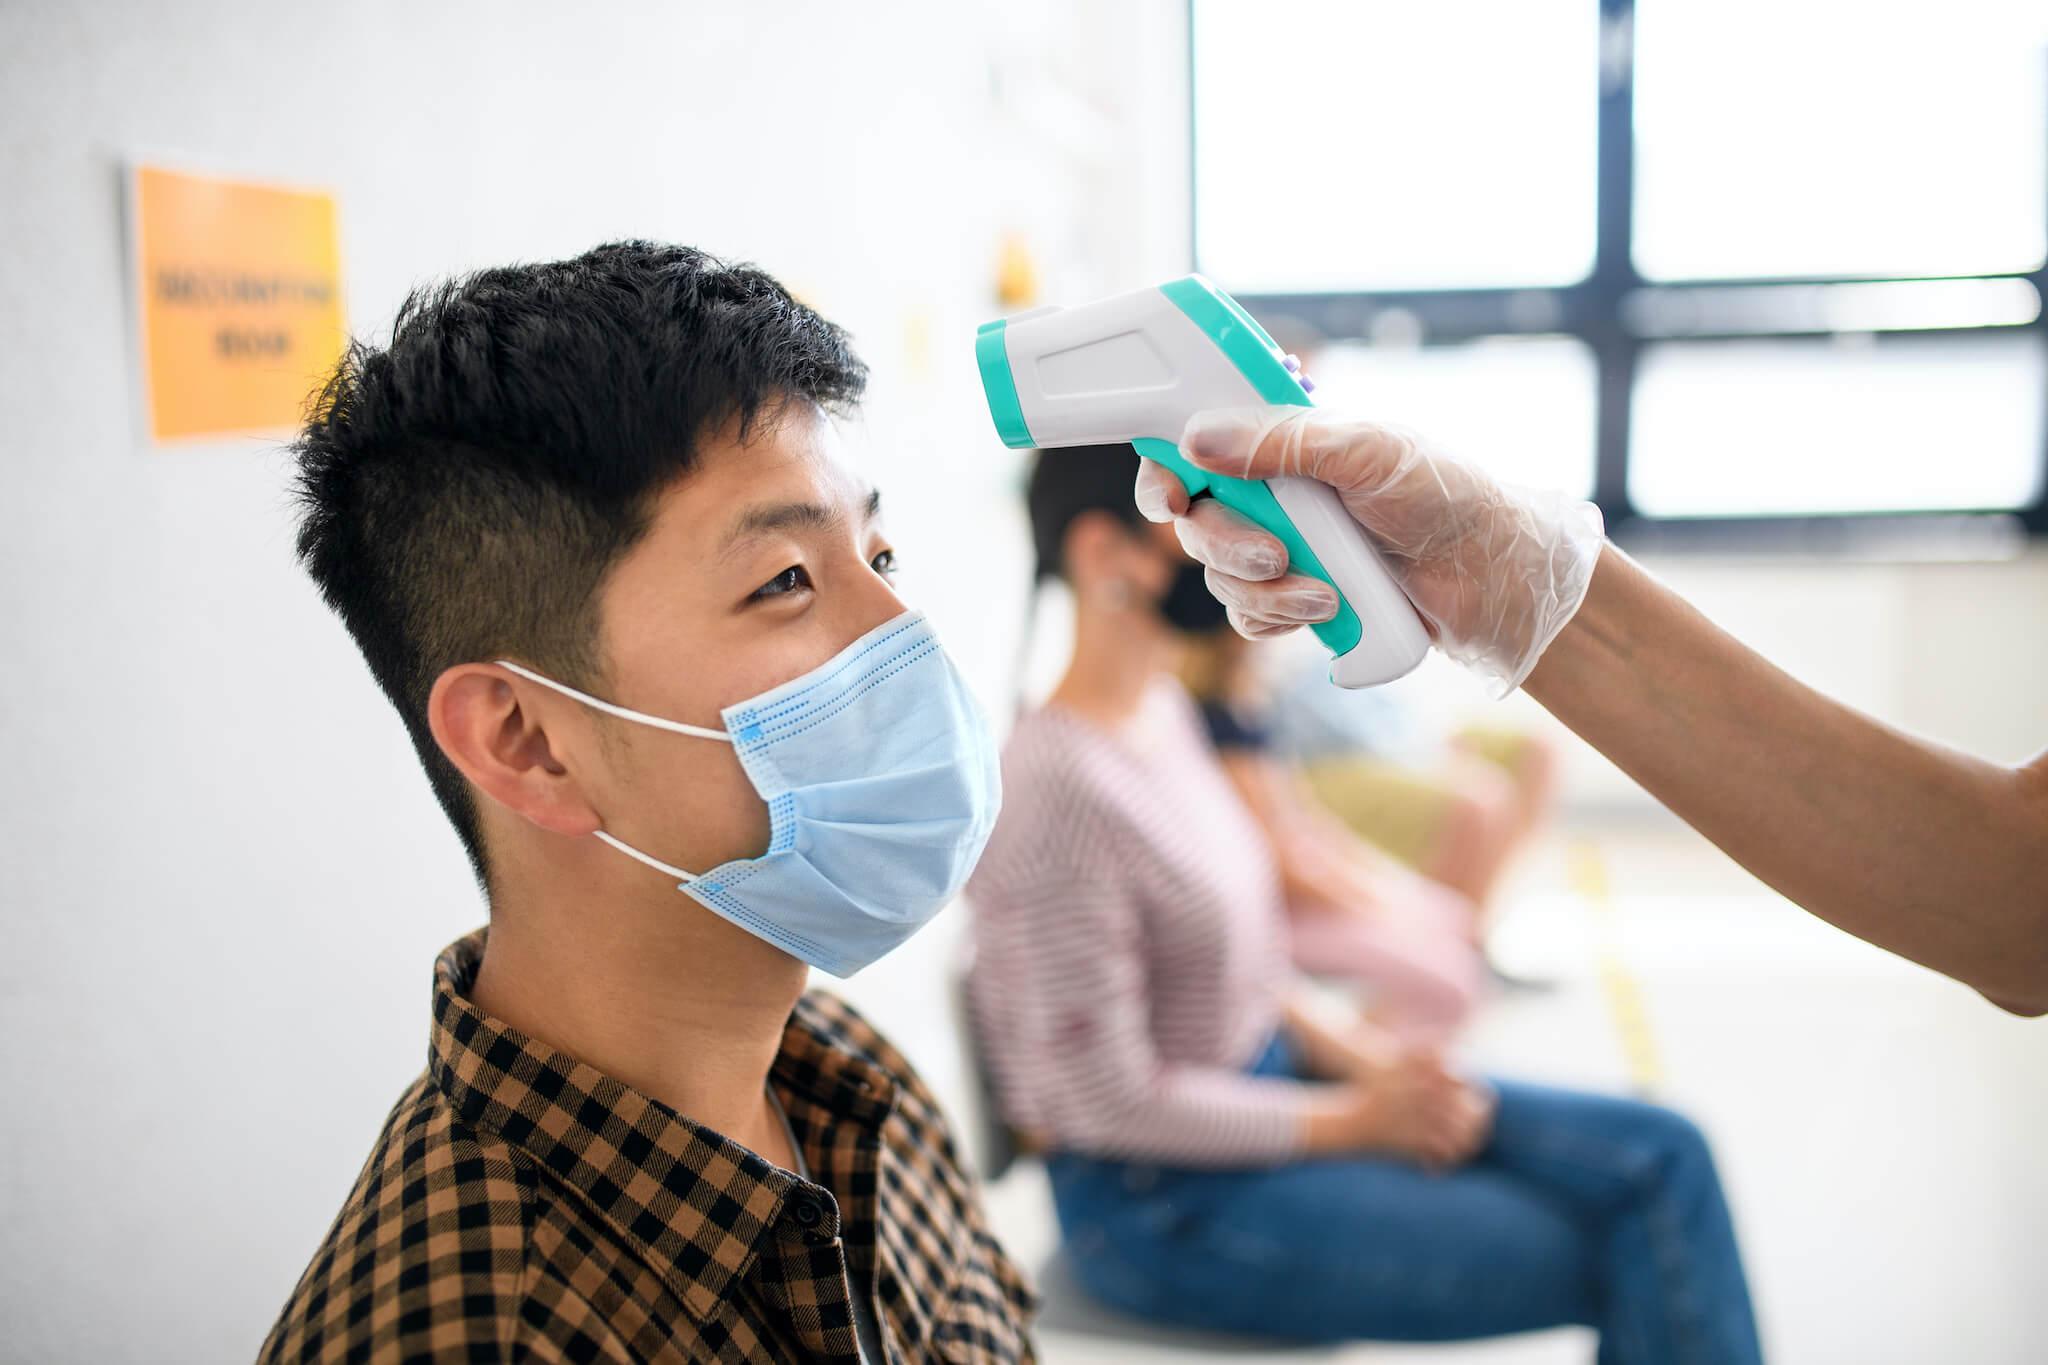 รีวิวเครื่องอบ UV ฆ่าเชื้อโรคอเนกประสงค์ของ Vita-Health UVC ขวดนม หน้ากากแปรงแต่งหน้า ฆ่าได้หมด 15 - clean